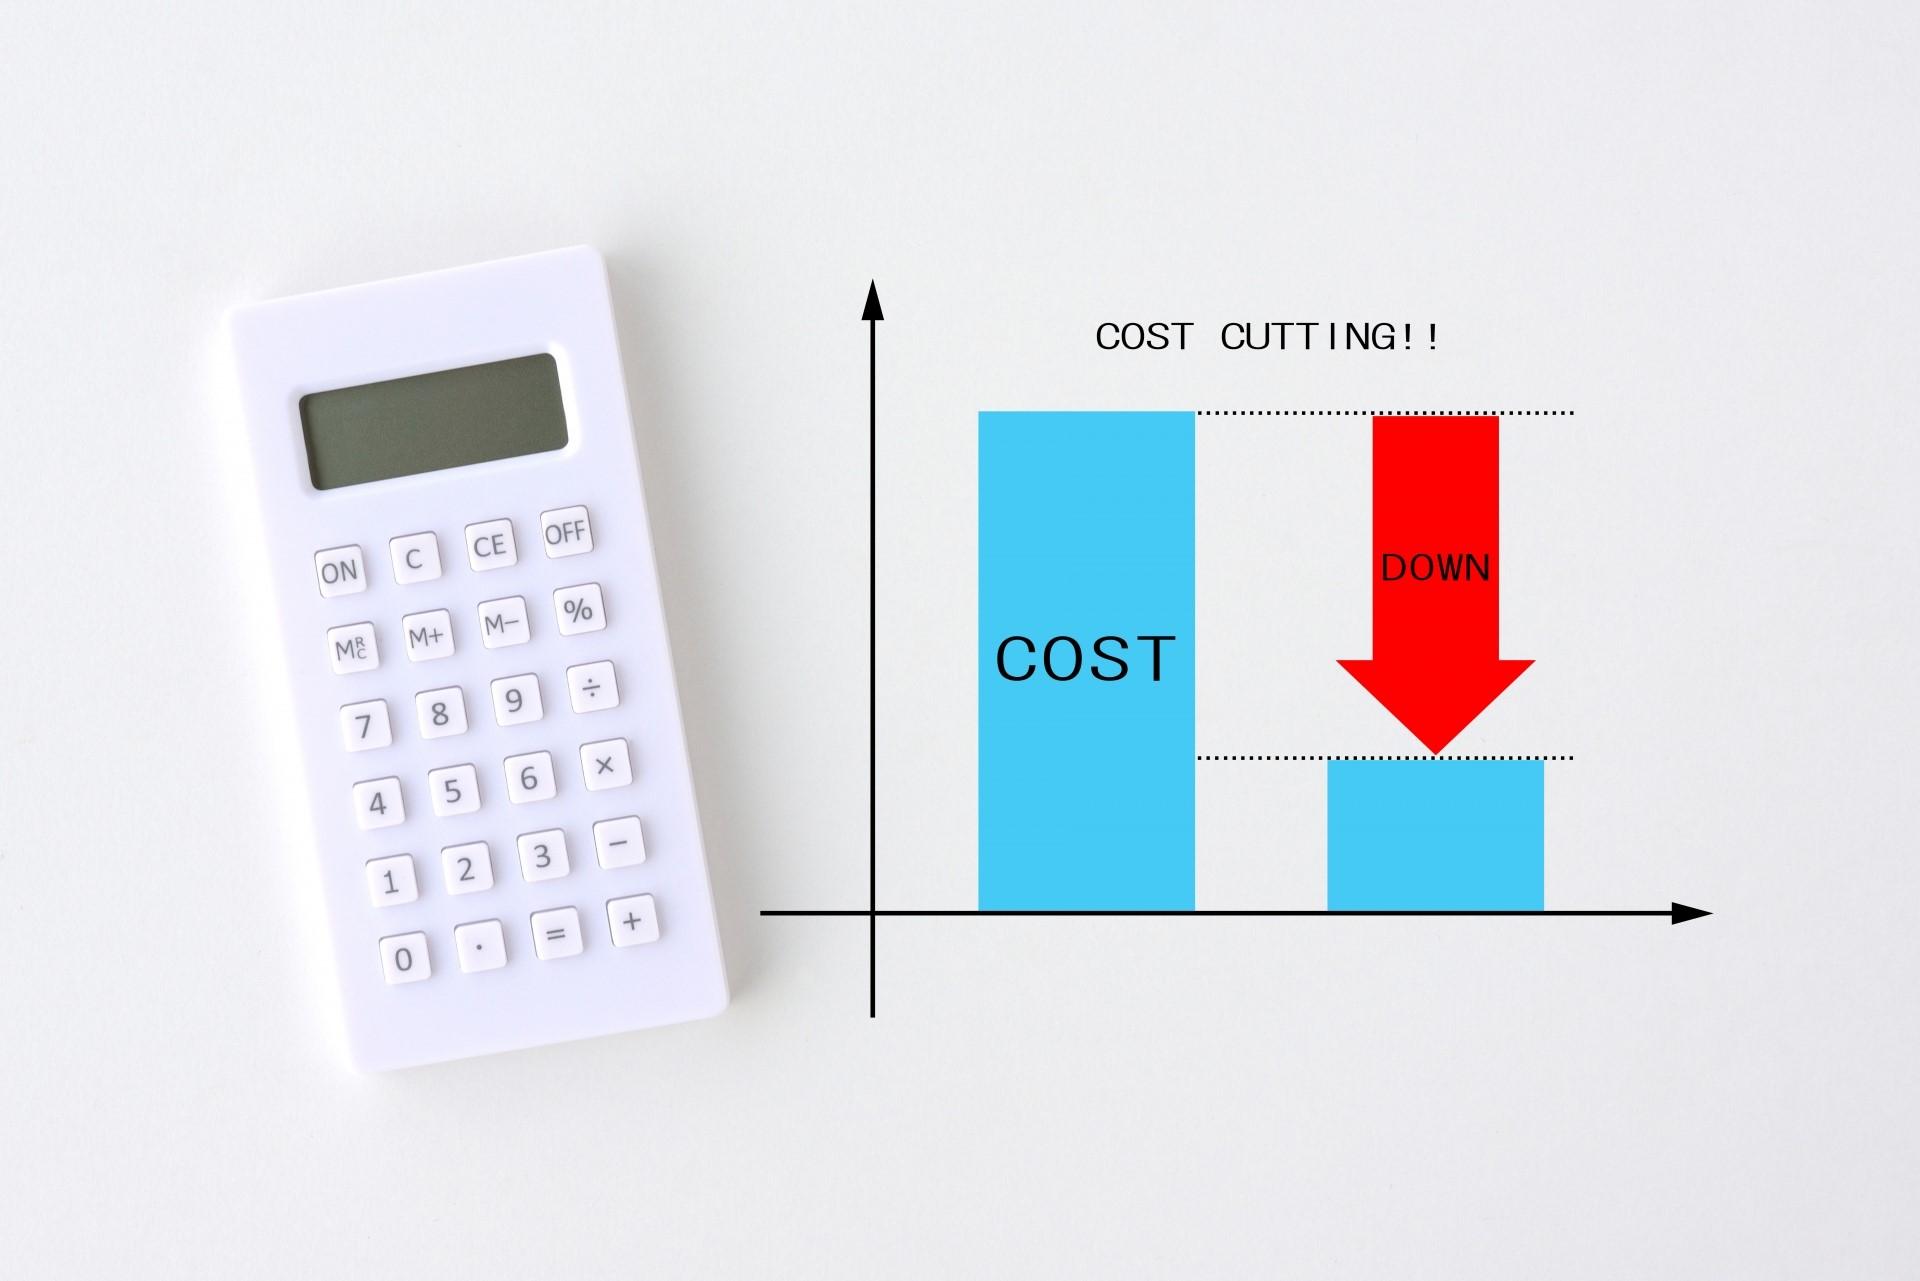 減価償却費として経費計上できる